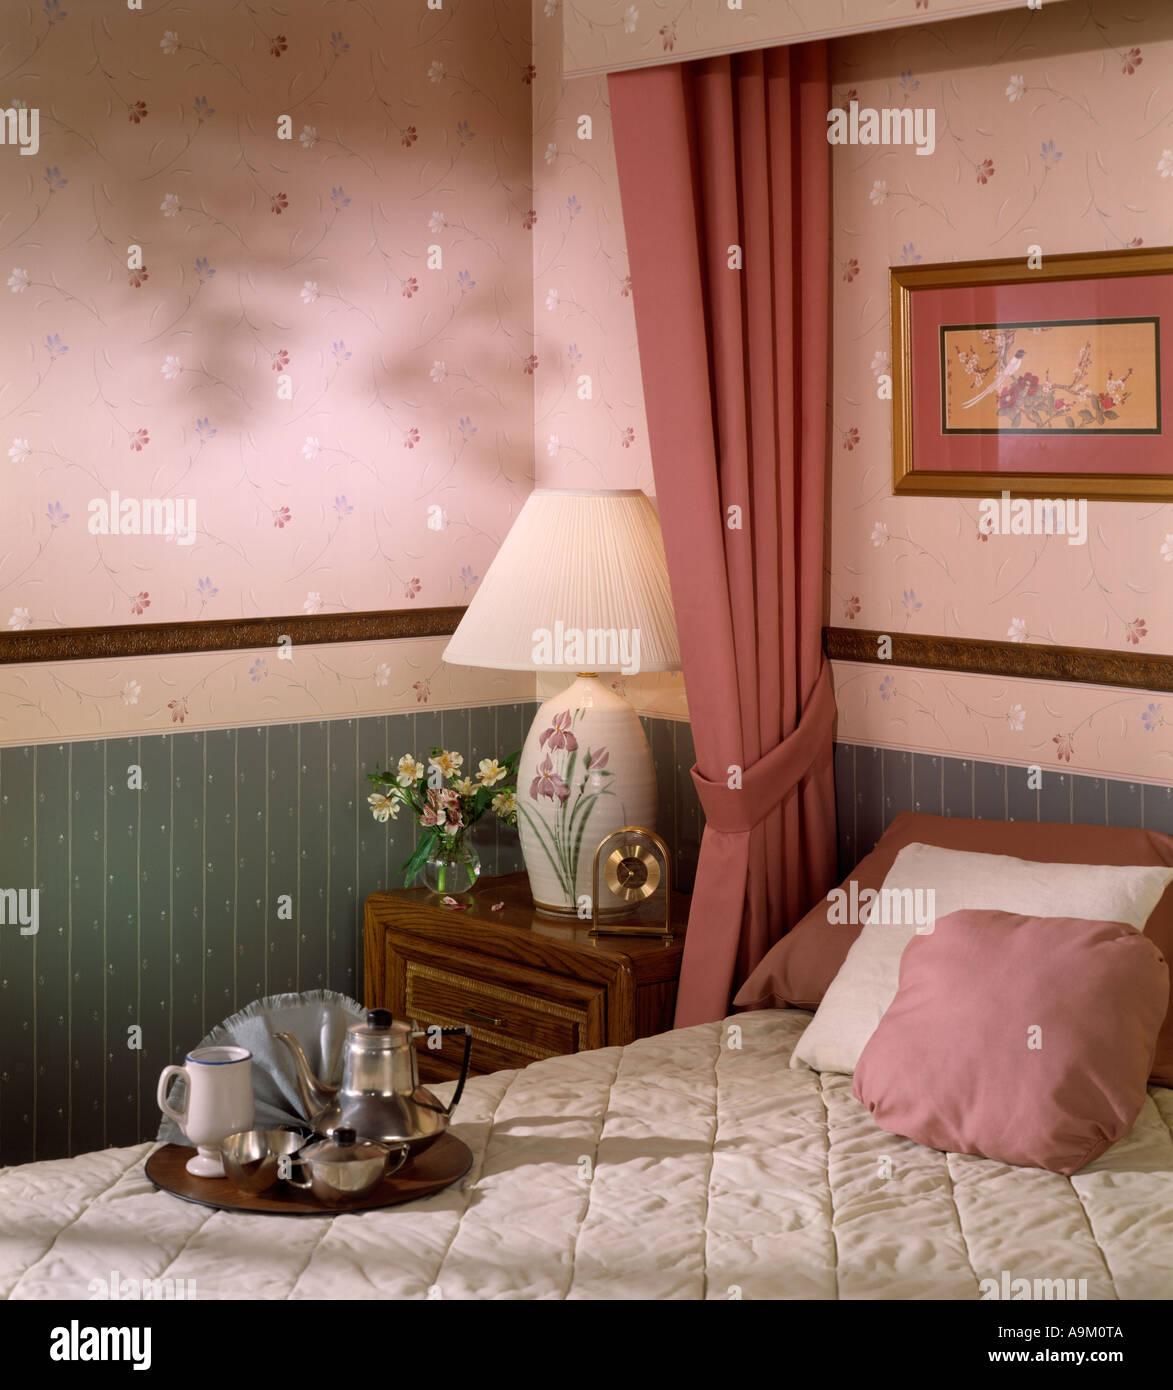 Gut Bett Zimmer Schlafzimmer Set Innen Tapete Kissen Lampe Frühstück  Tablett Nachttisch Stockbild